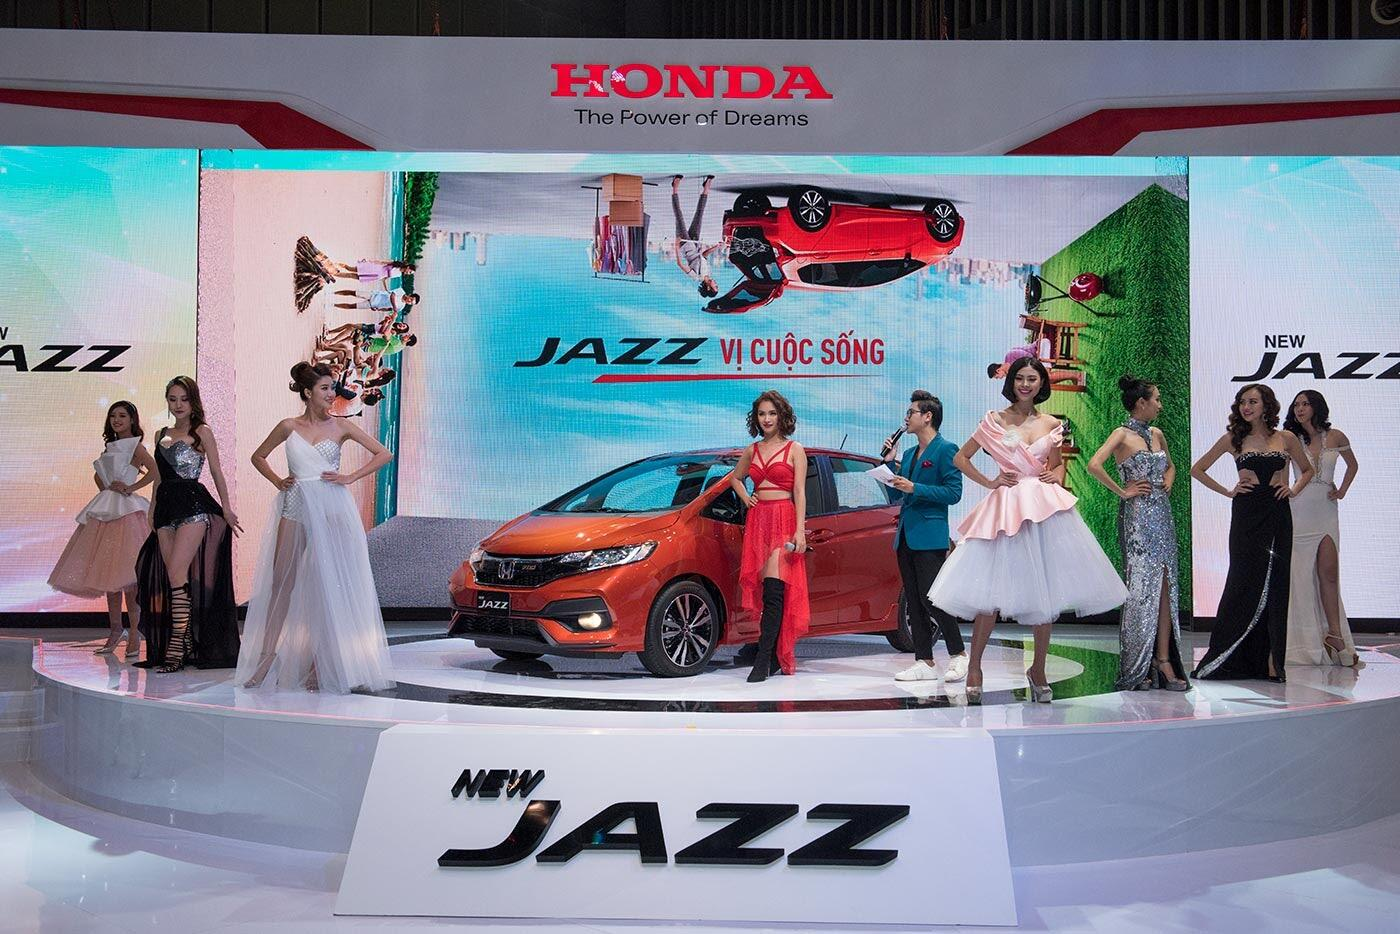 """Đến VMS 2107, """"nếm"""" vị cuộc sống tại gian hàng Honda - Hình 2"""